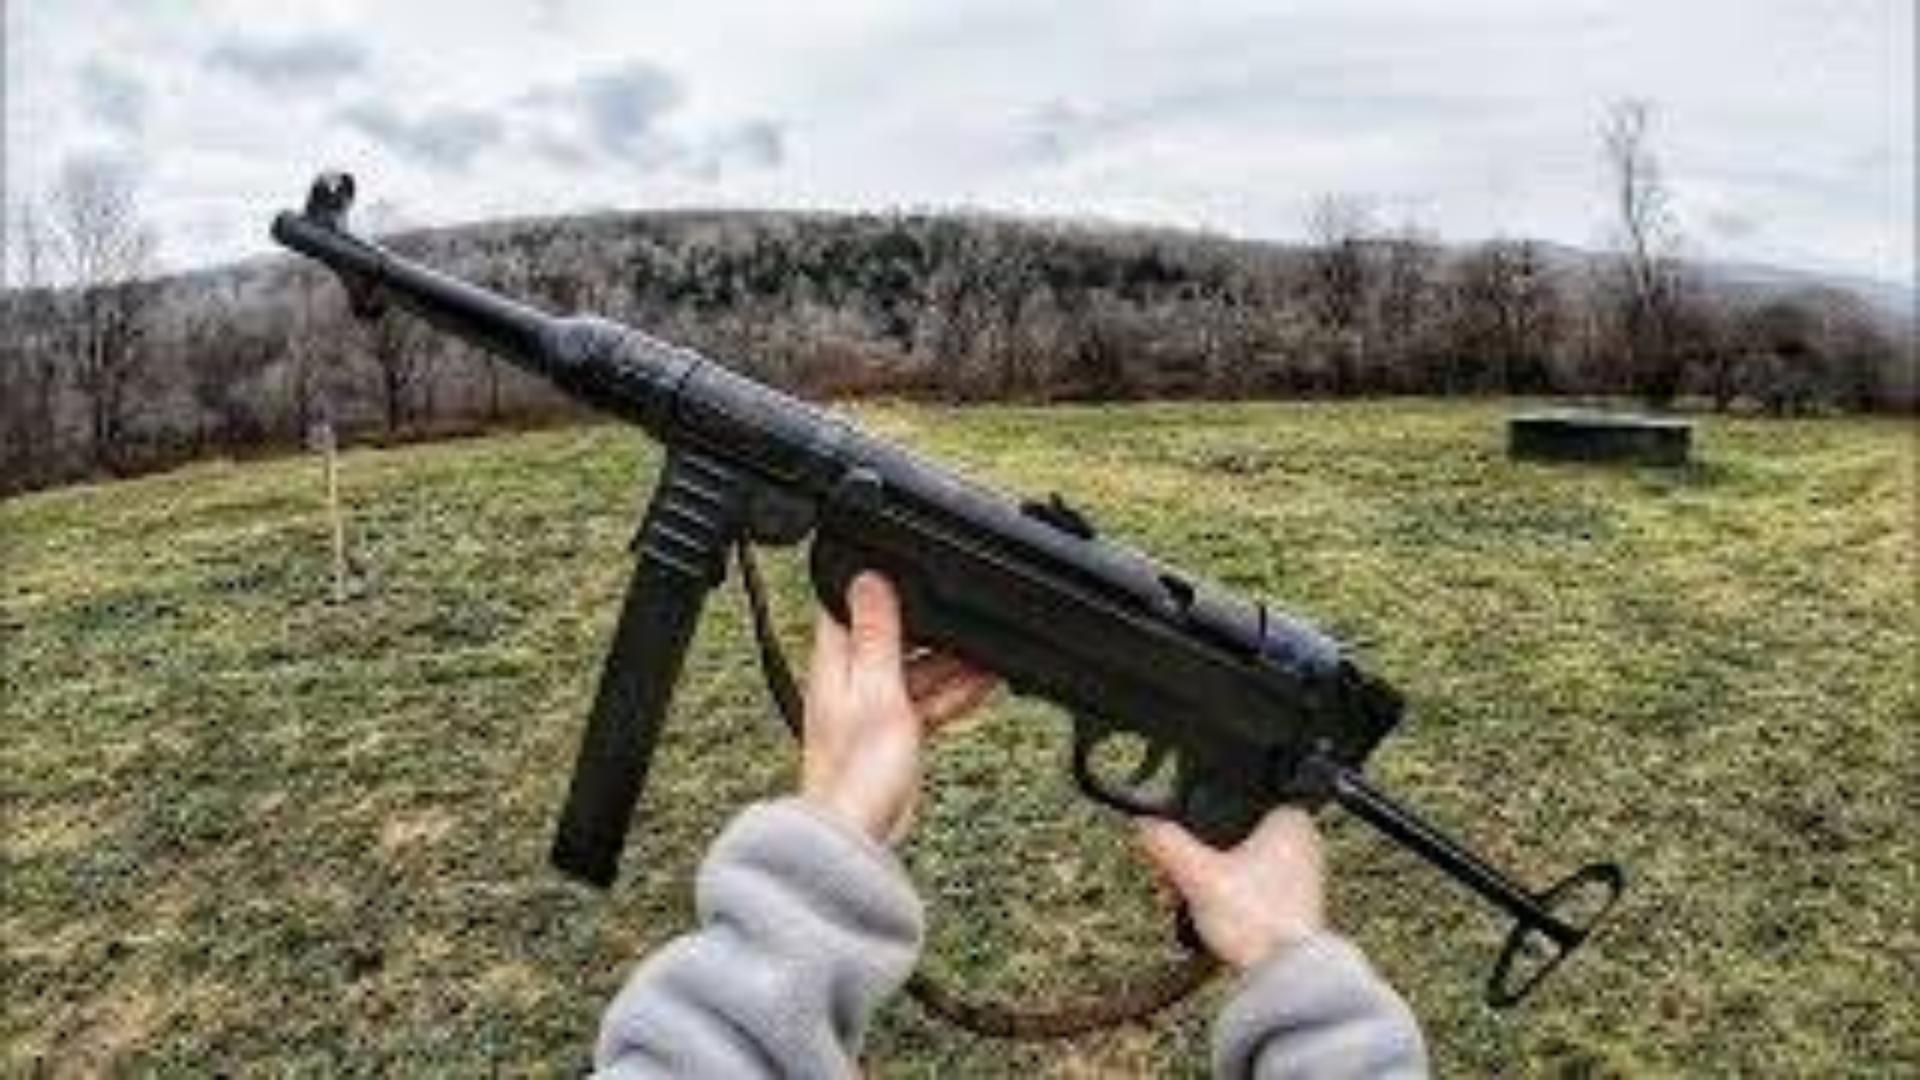 【搬运/没什么字幕可加】全自动MP40 武器欣赏